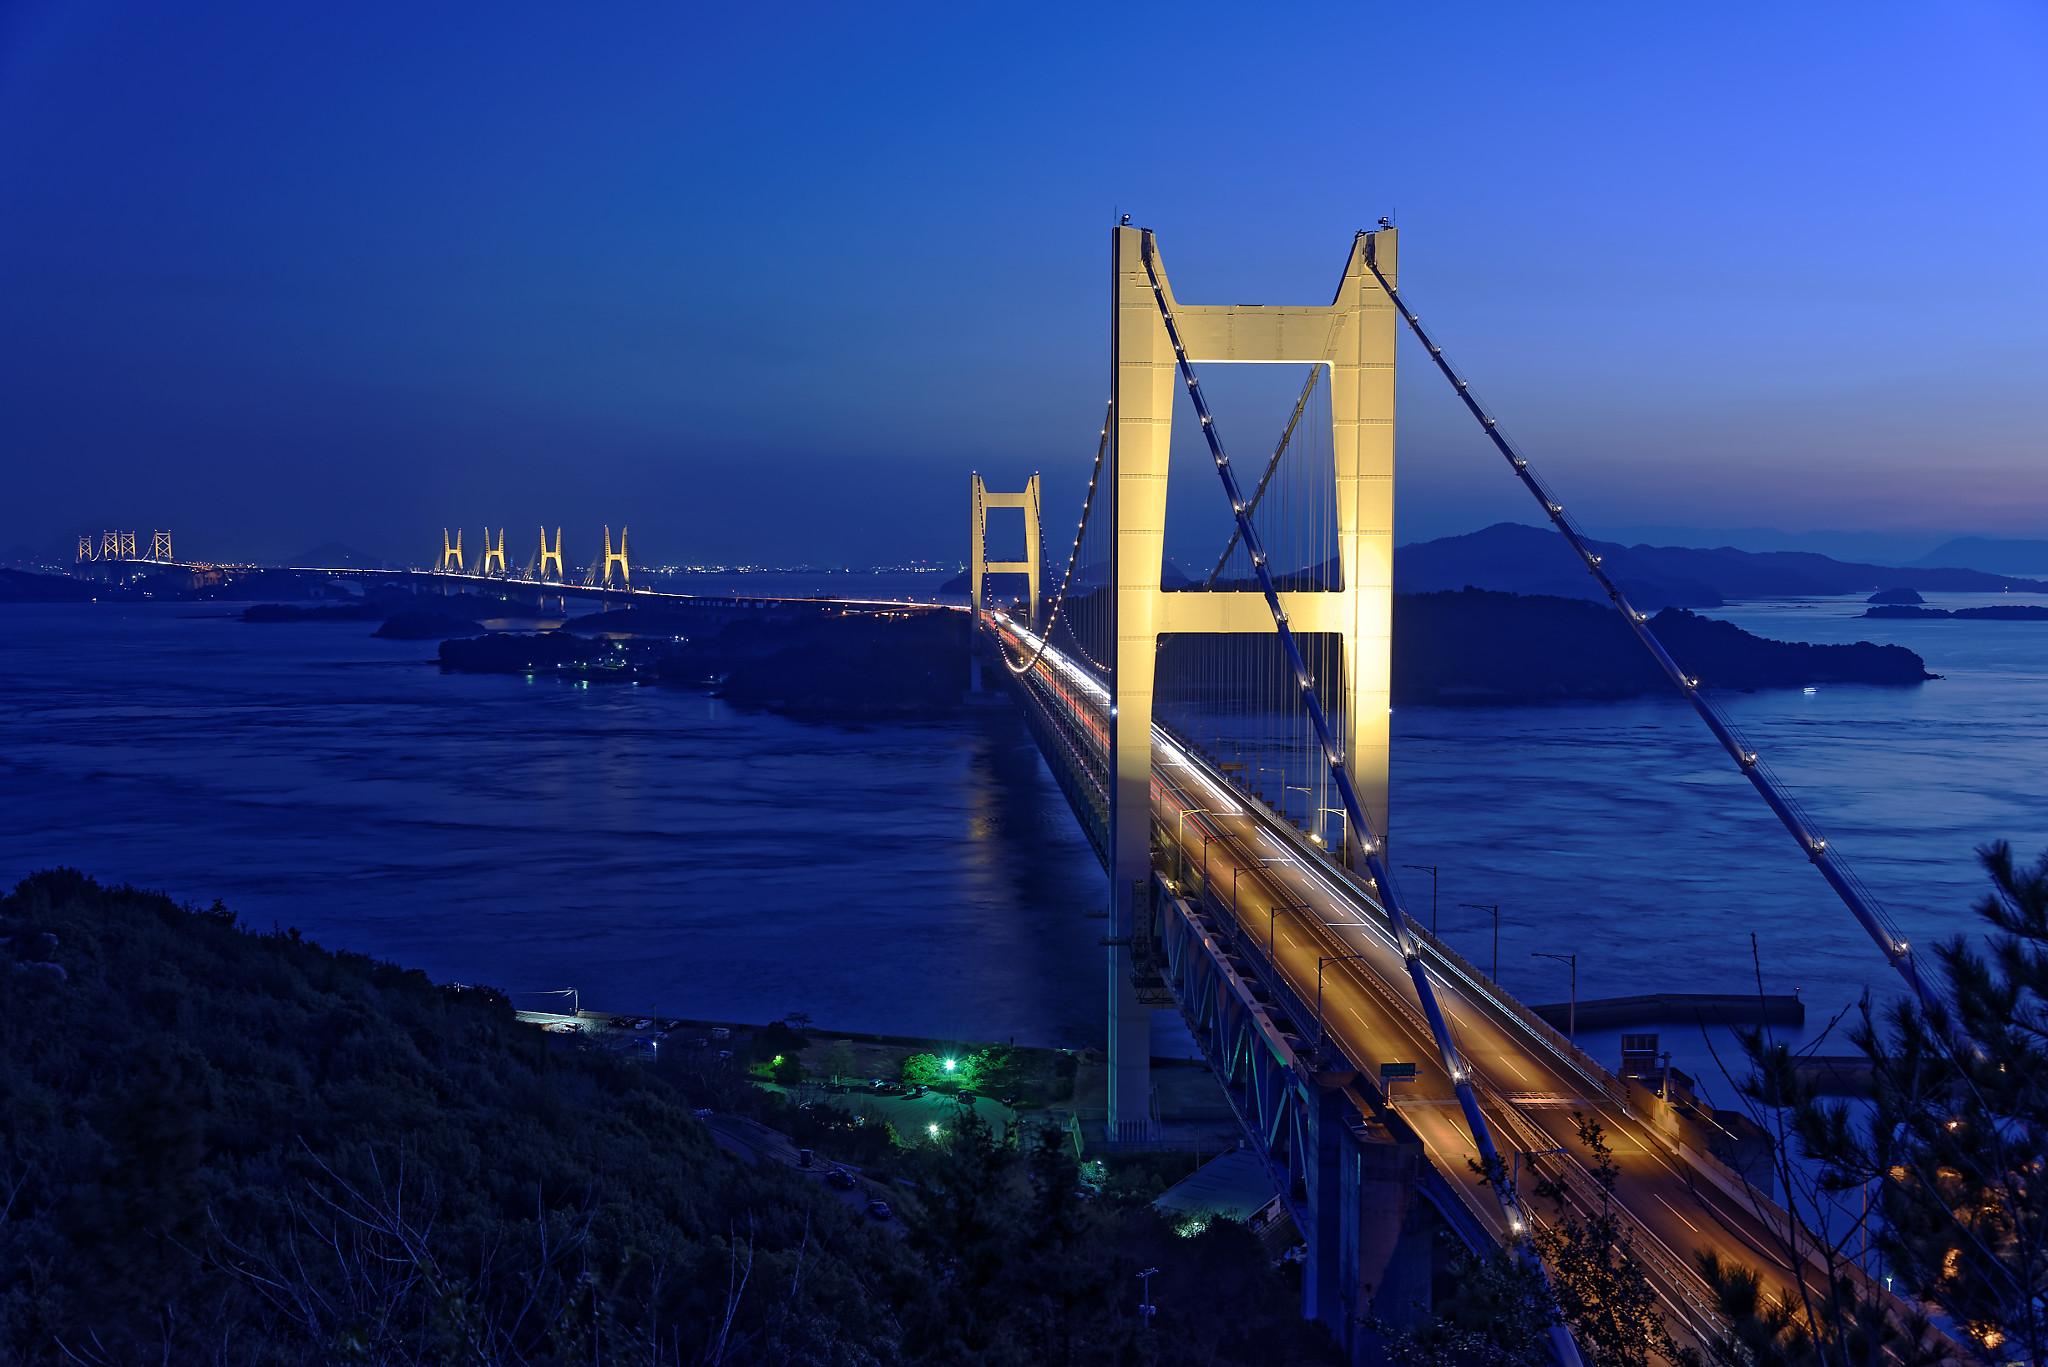 瀬戸大橋ライトアップ_DxO